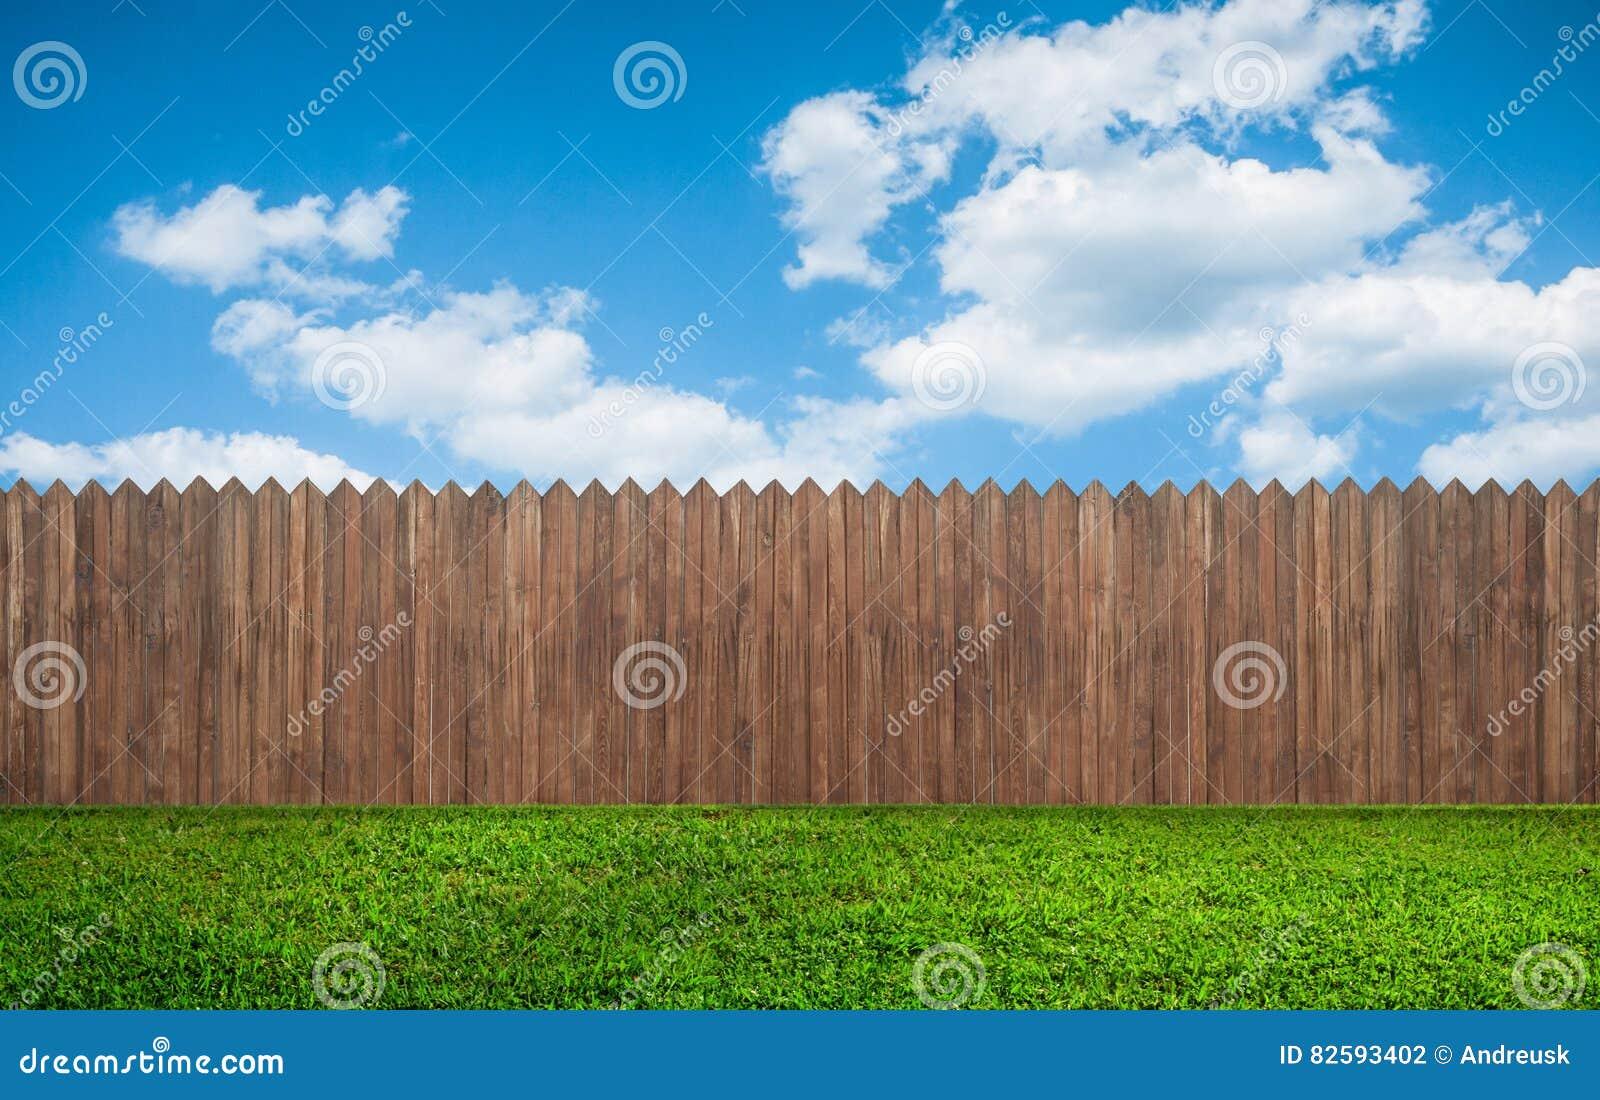 Trädgårds- trä för staket